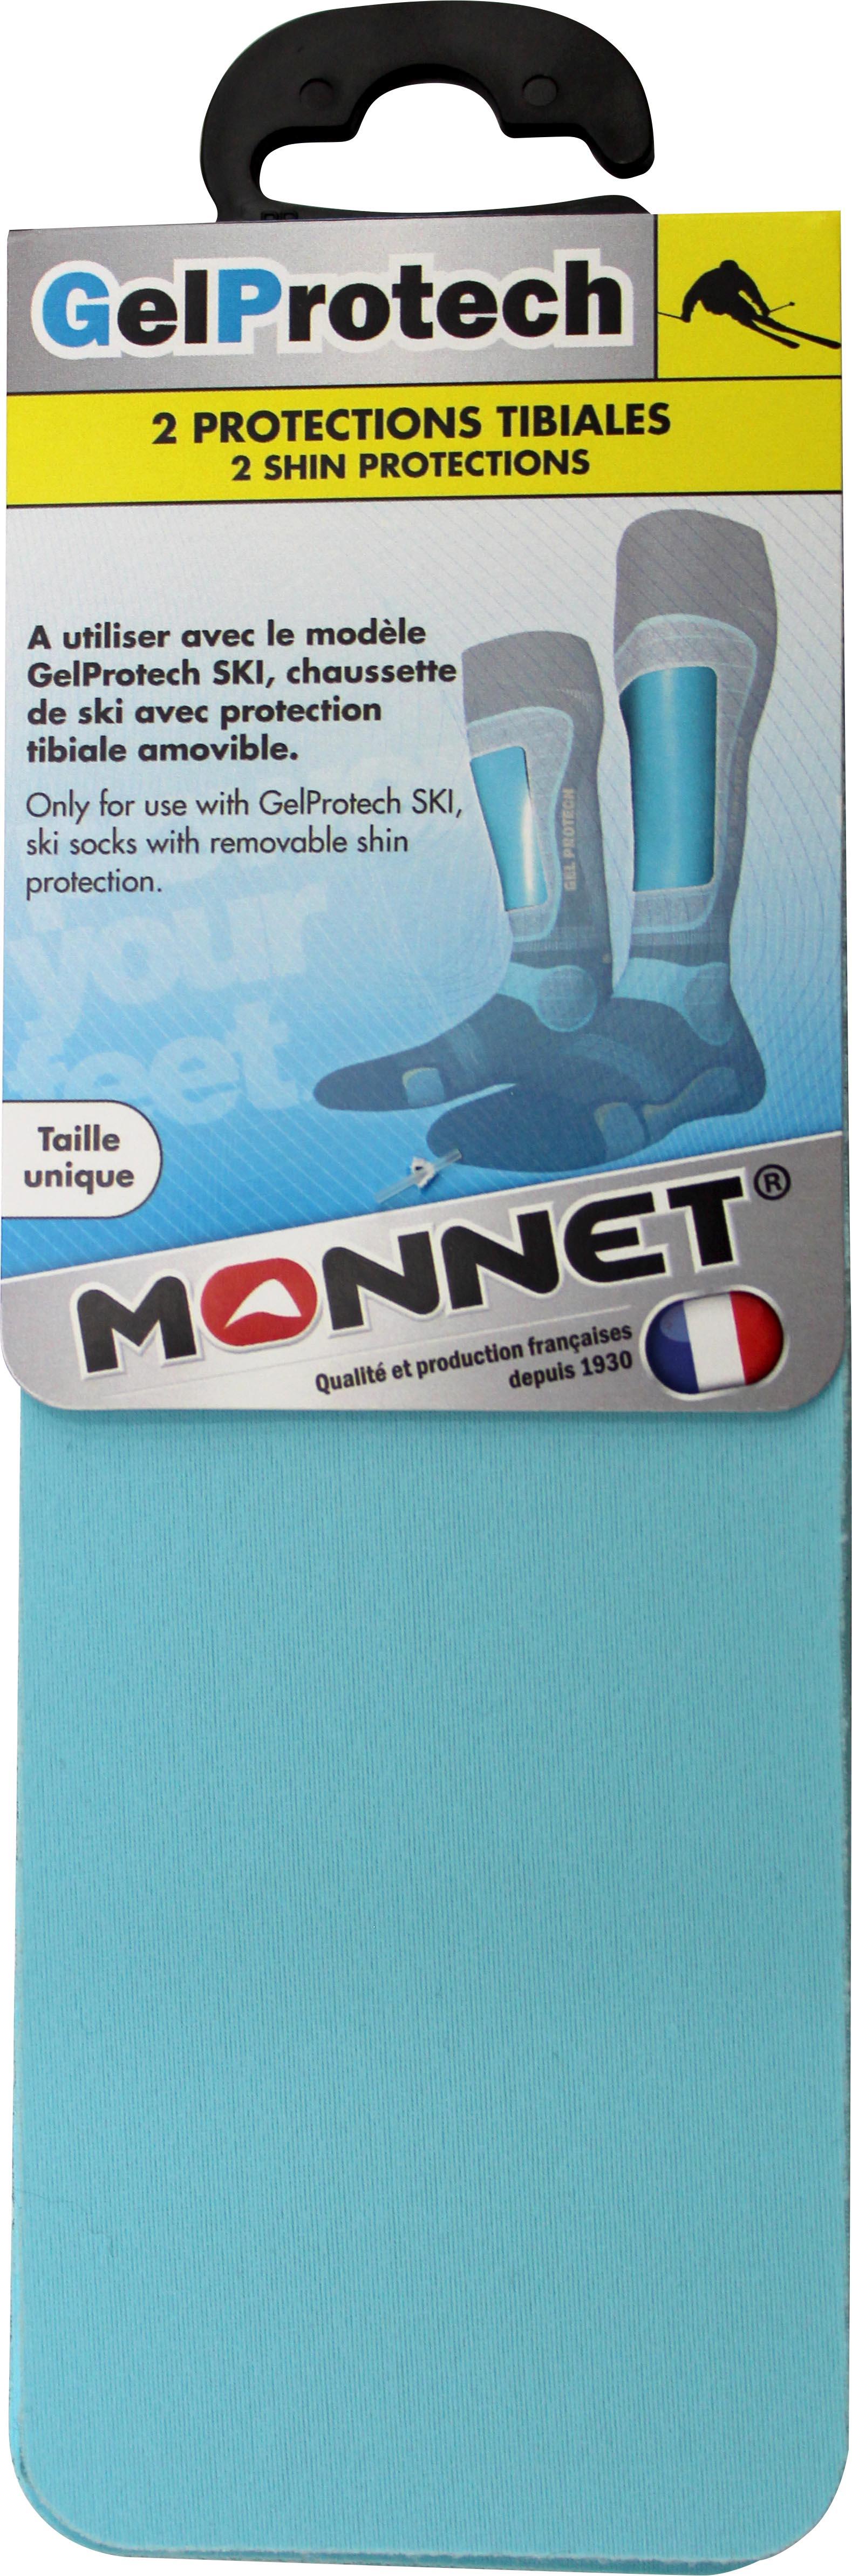 Monnet - Gel de protection tibia